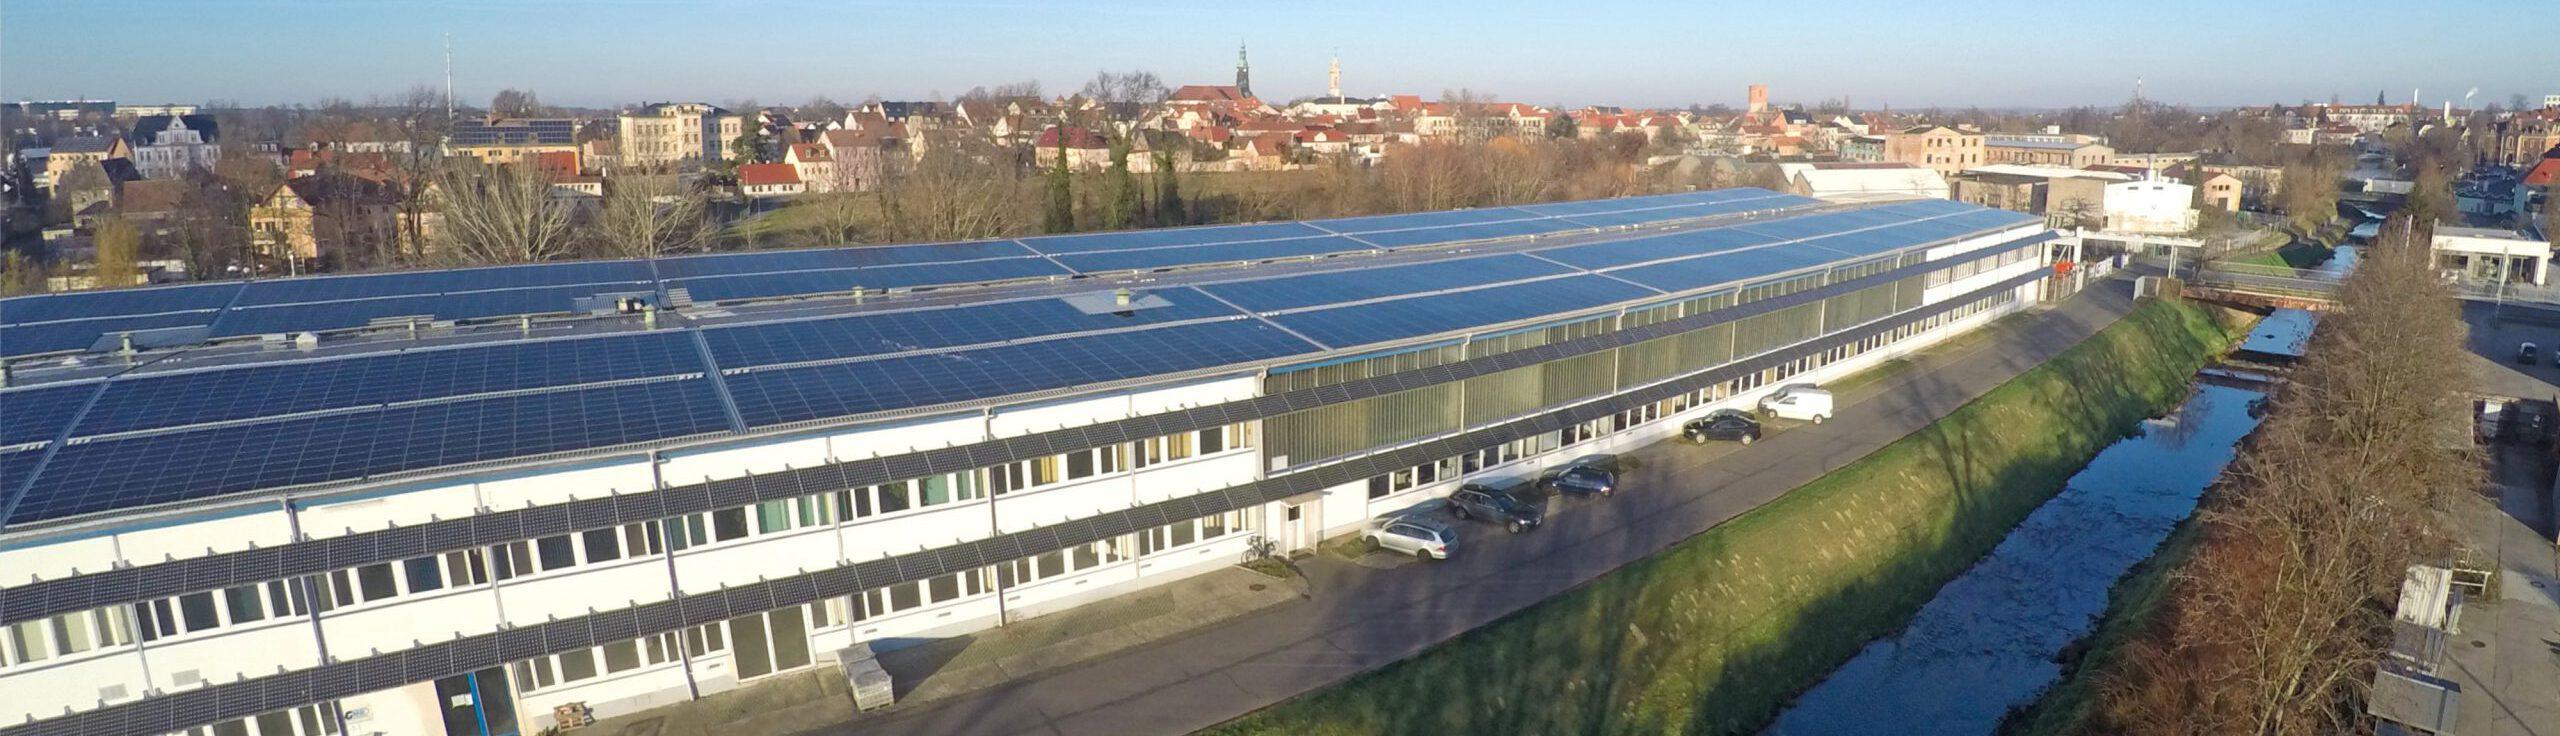 Luftansicht auf das Gebäude der Metalltechnik Großenhain